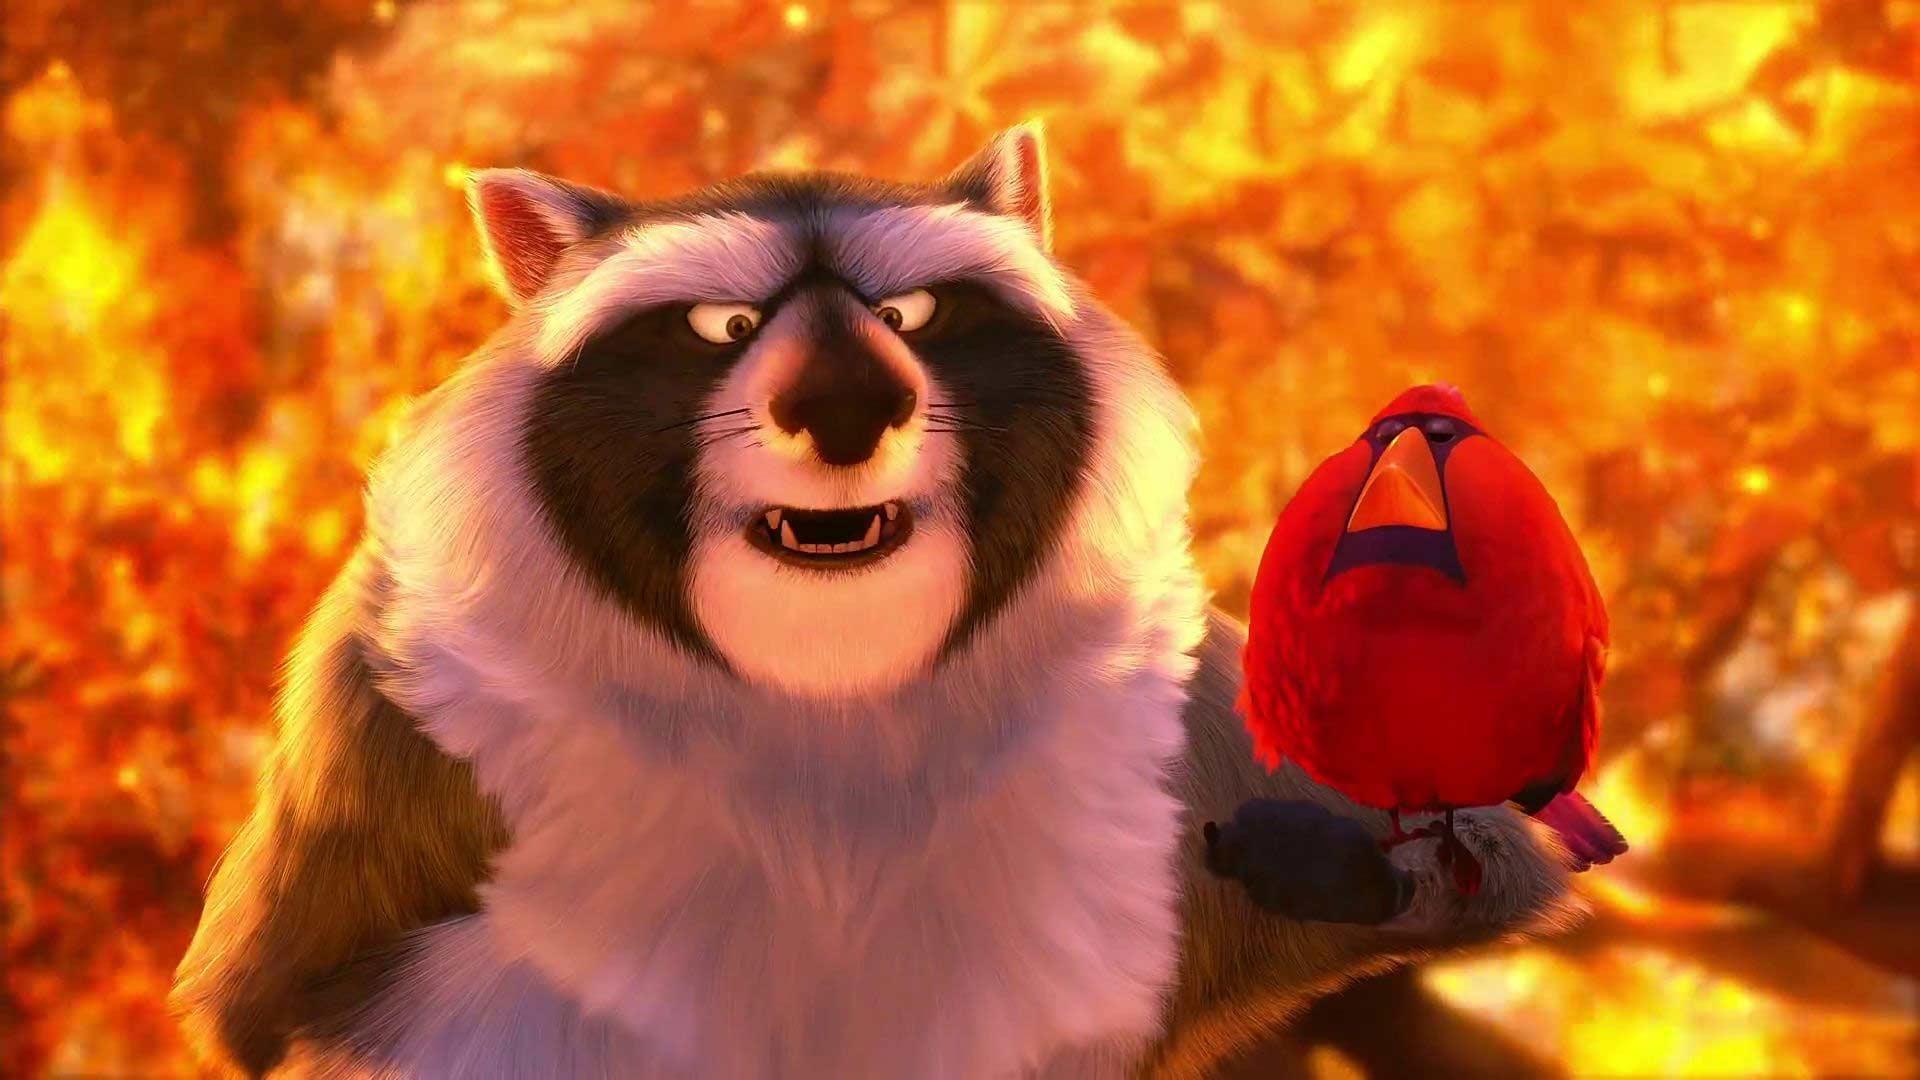 Nut Job - Operazione noccioline: l'orso feroce in una scena del film